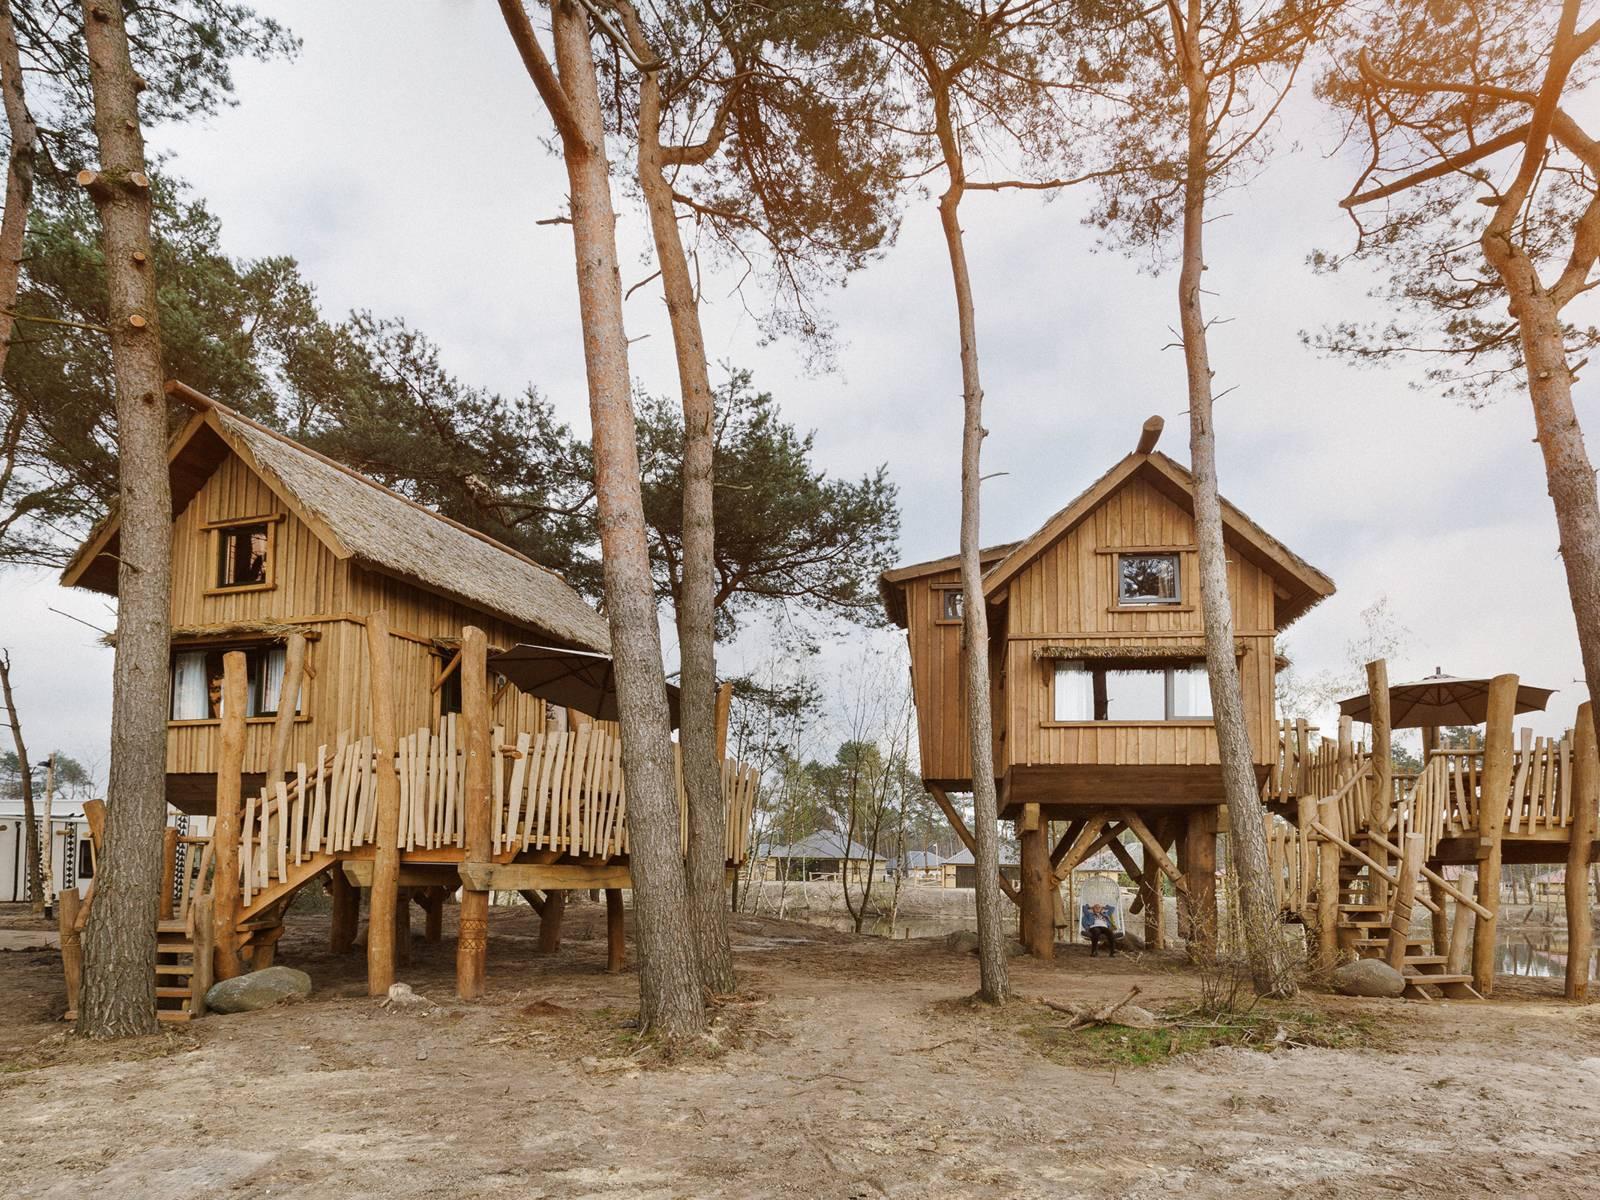 slapen in een boomhut - overnachten in een boomhut - bijzonder overnachten - overnachten in de natuur - boomhutten nederland - boomhut beekse bergen